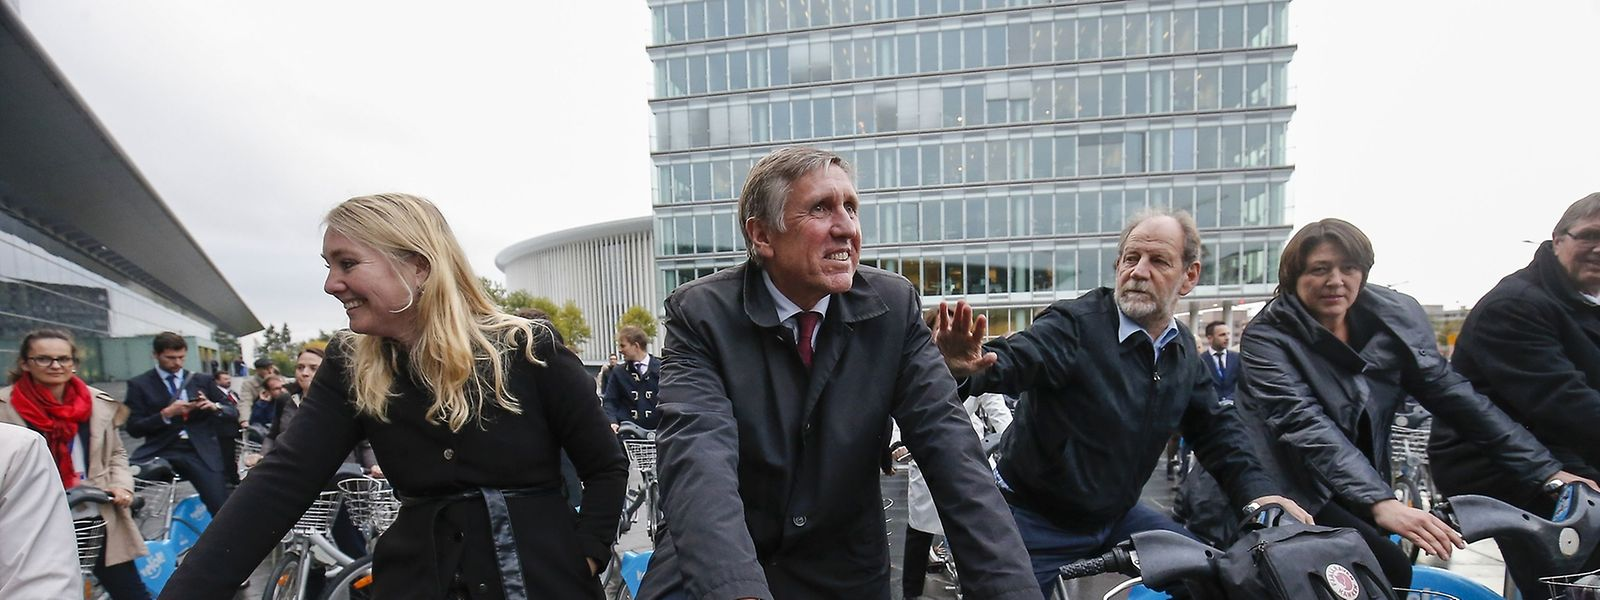 Grüne Akzente auf EU-Ebene: François Bausch verzichtet auf CO2-lastige Dienstwagen.